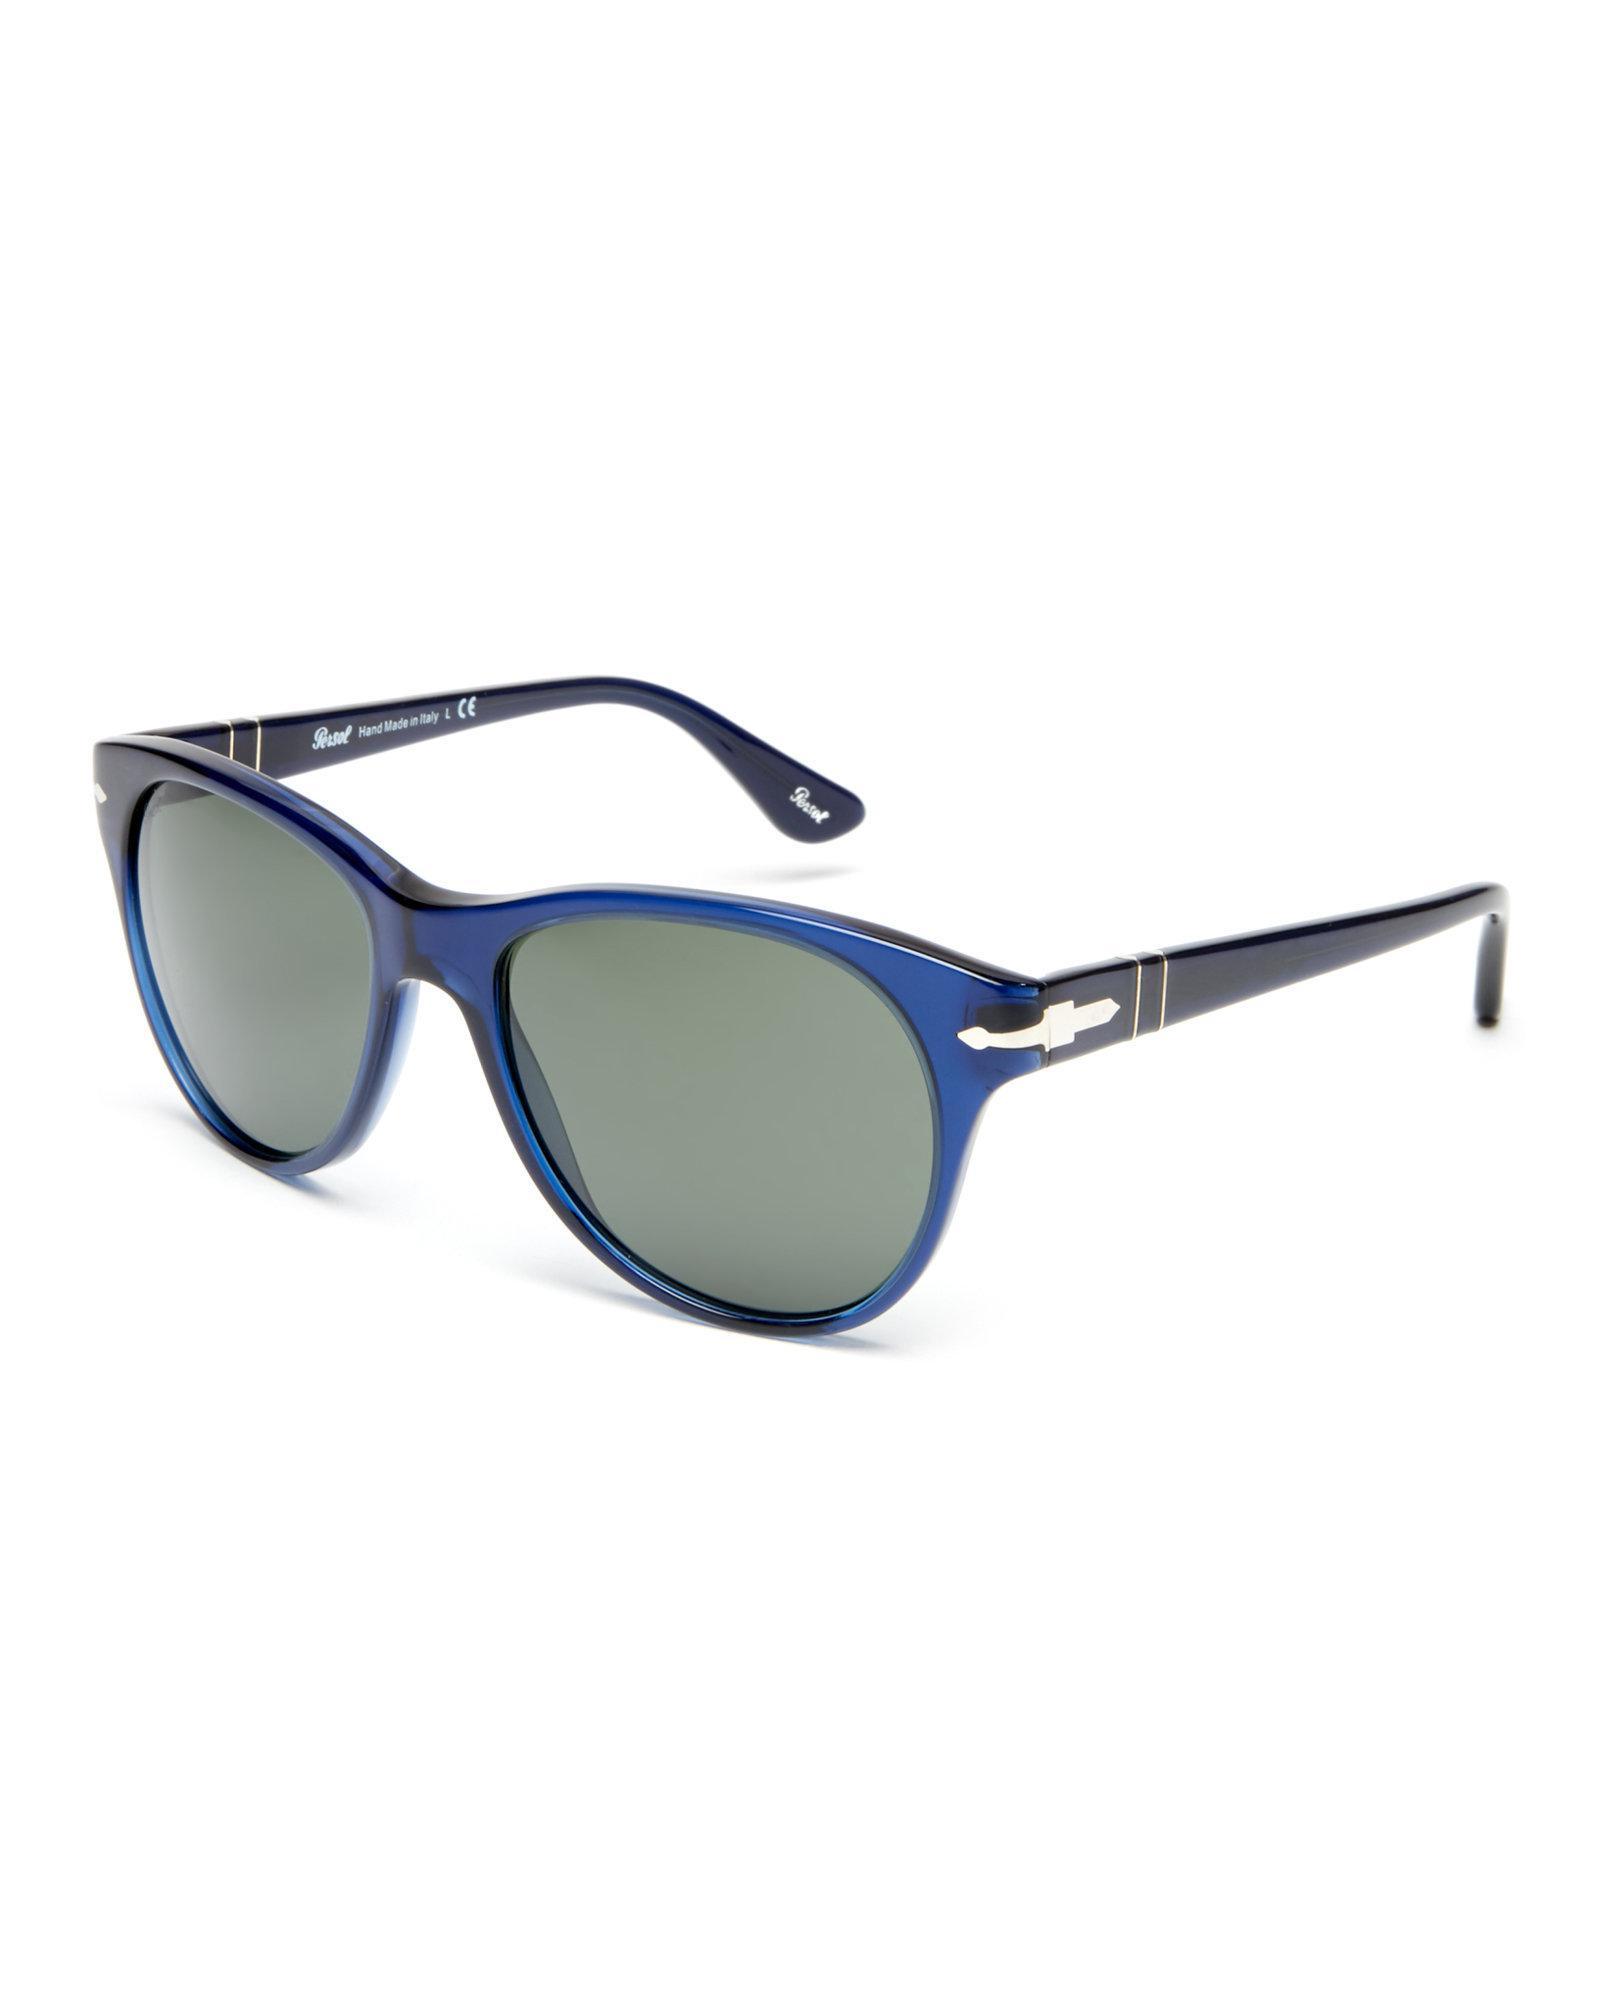 63030d6be36 Lyst - Persol Po3134 Navy Wayfarer Sunglasses in Blue